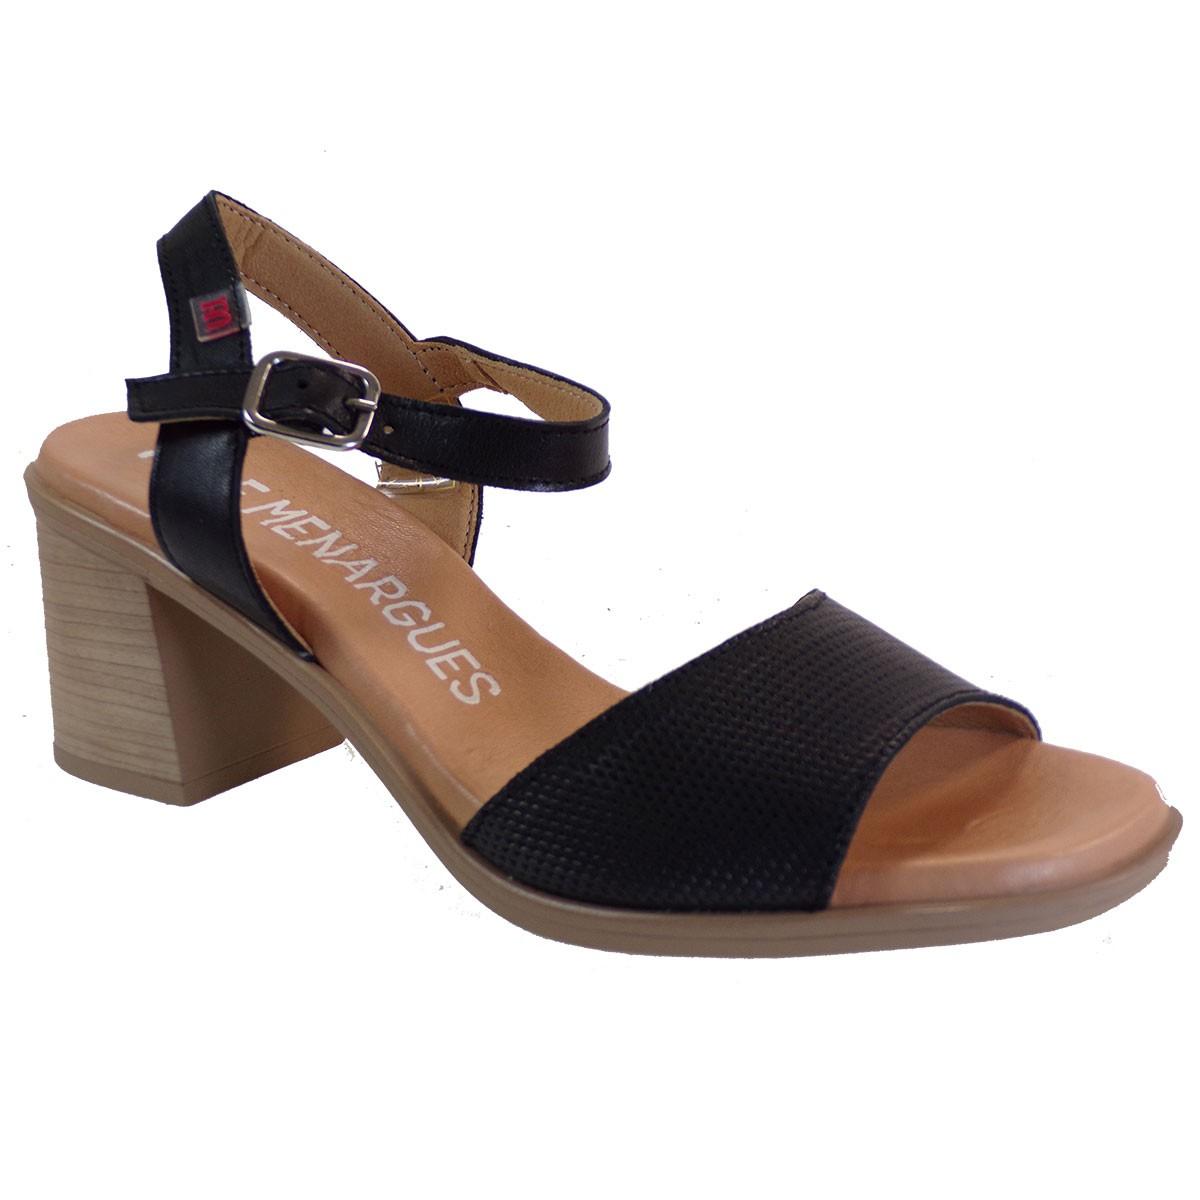 PEPE MENARGUES SHOES Γυναικεία Παπούτσια Πέδιλα 10425 Μαύρο Δέρμα